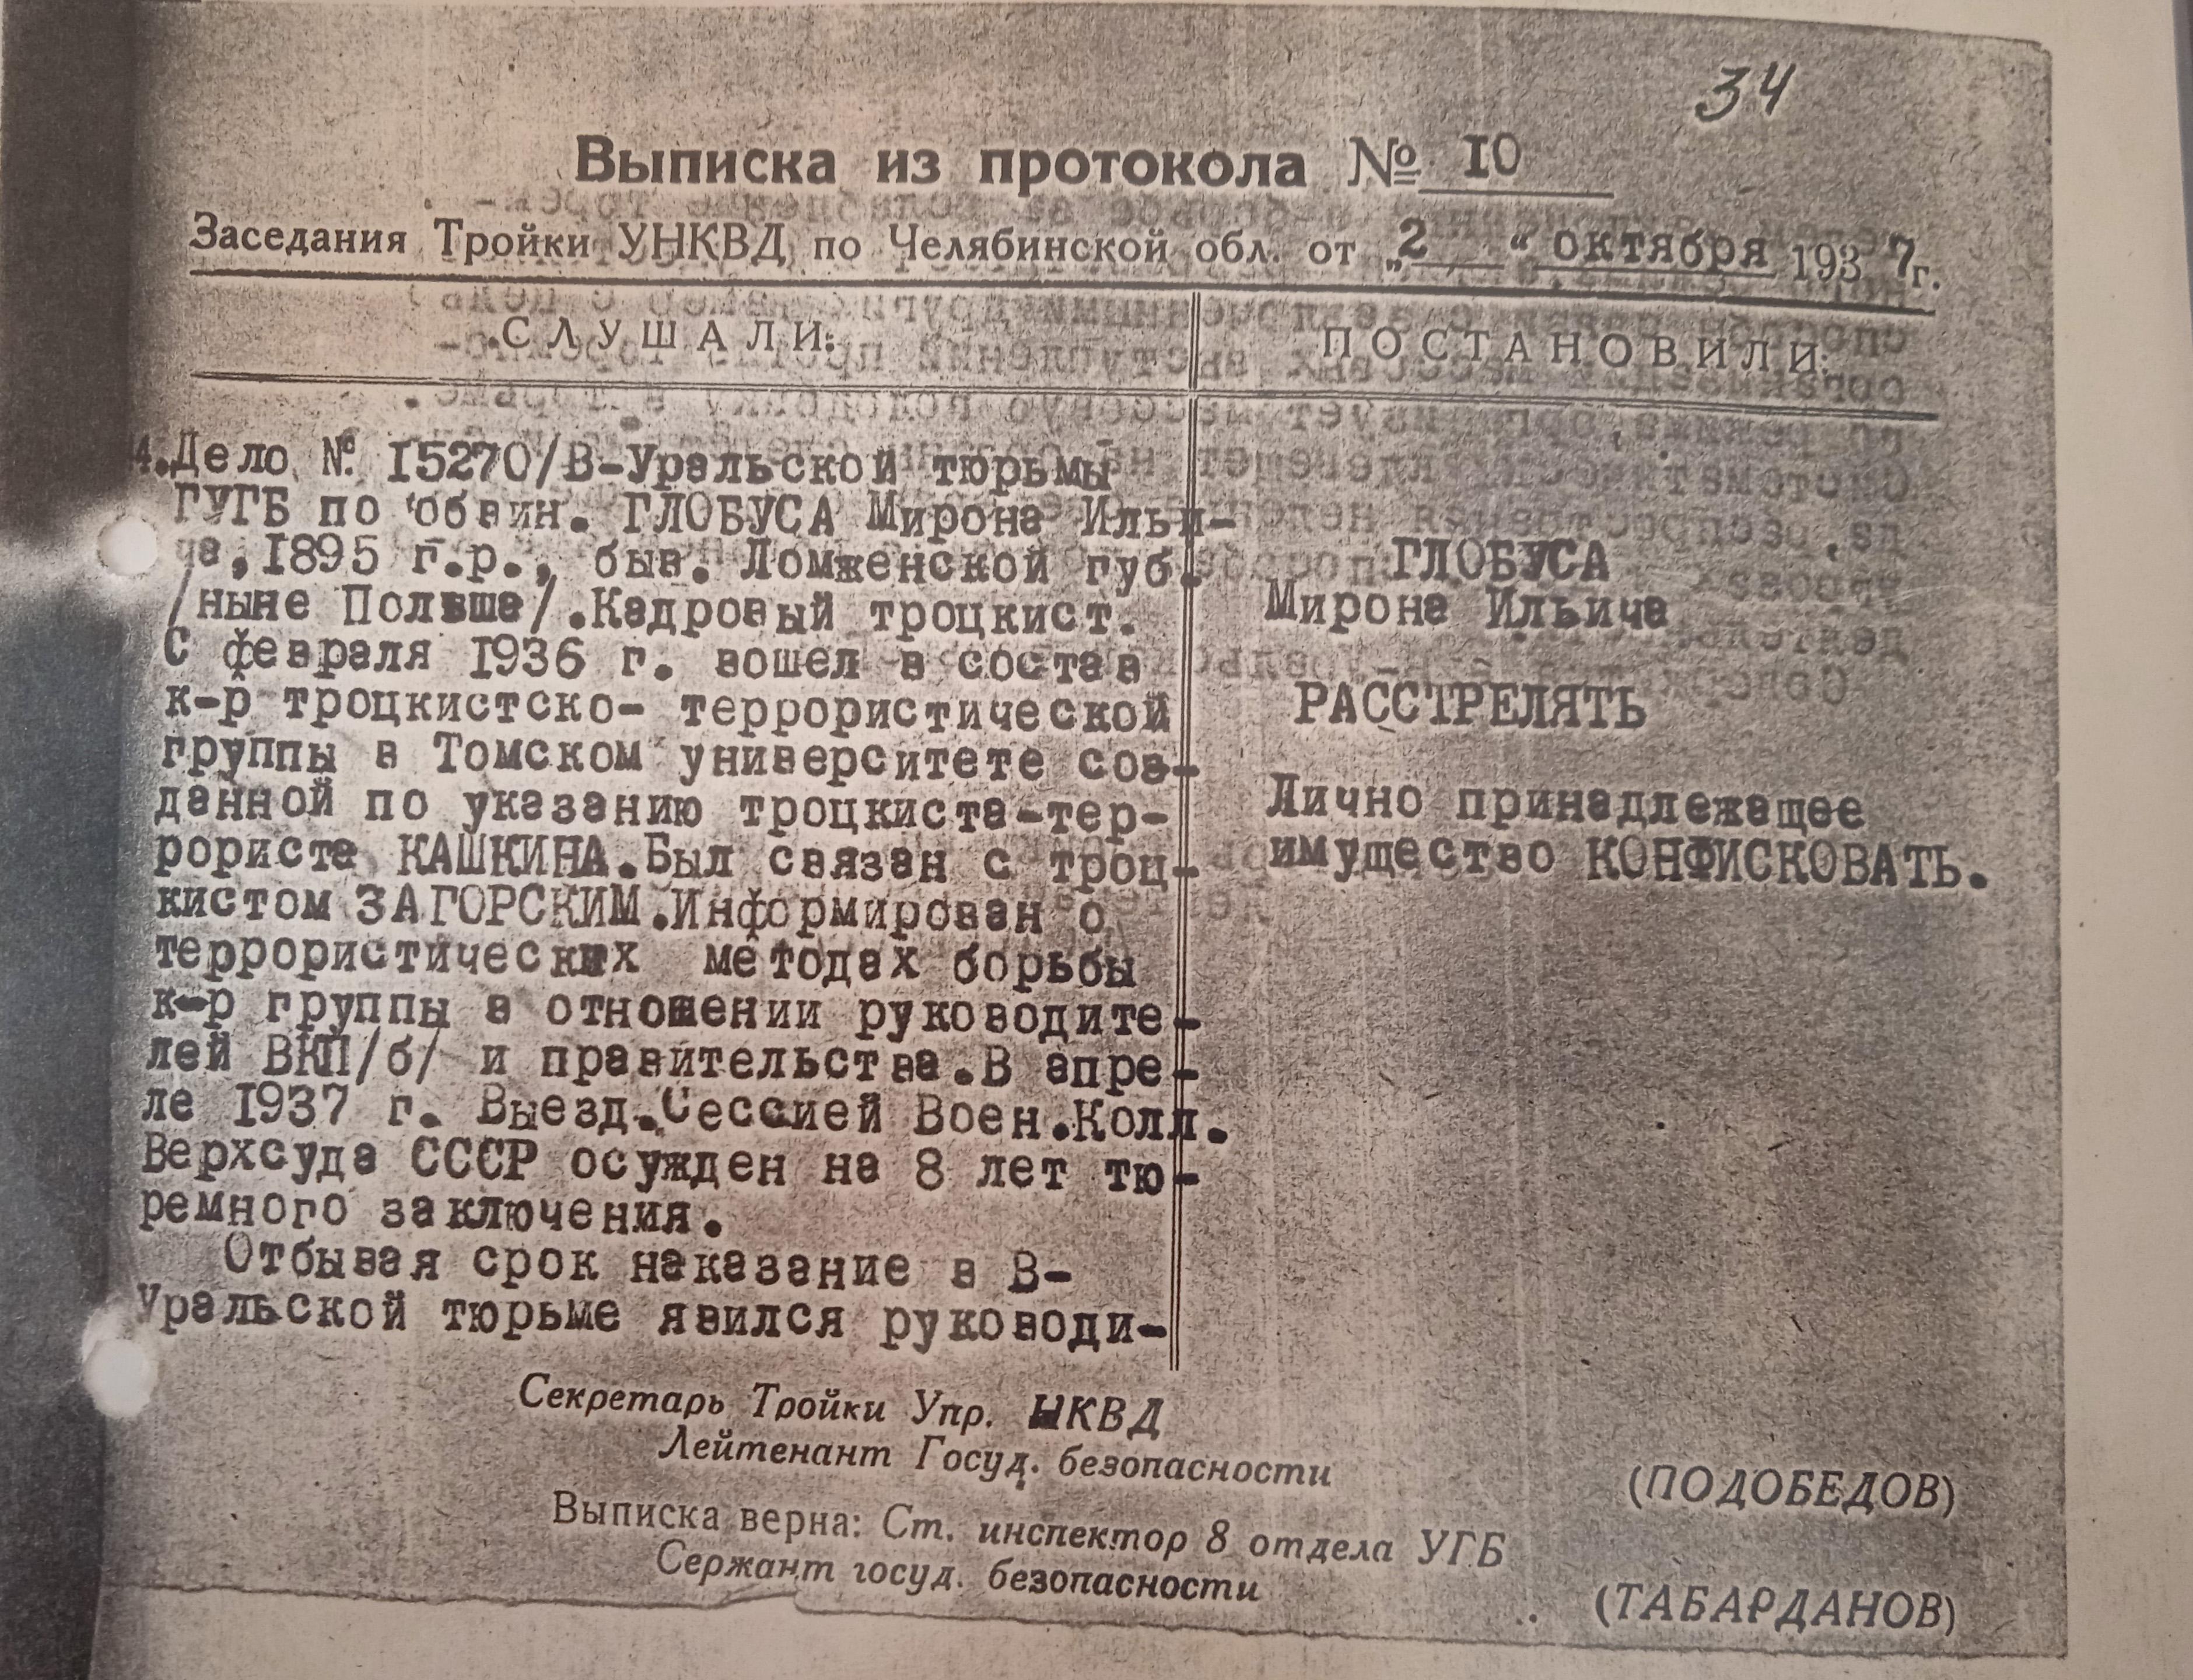 Отвертеться не удастся: как сотрудники НКВД сдавали друг друга на допросах4